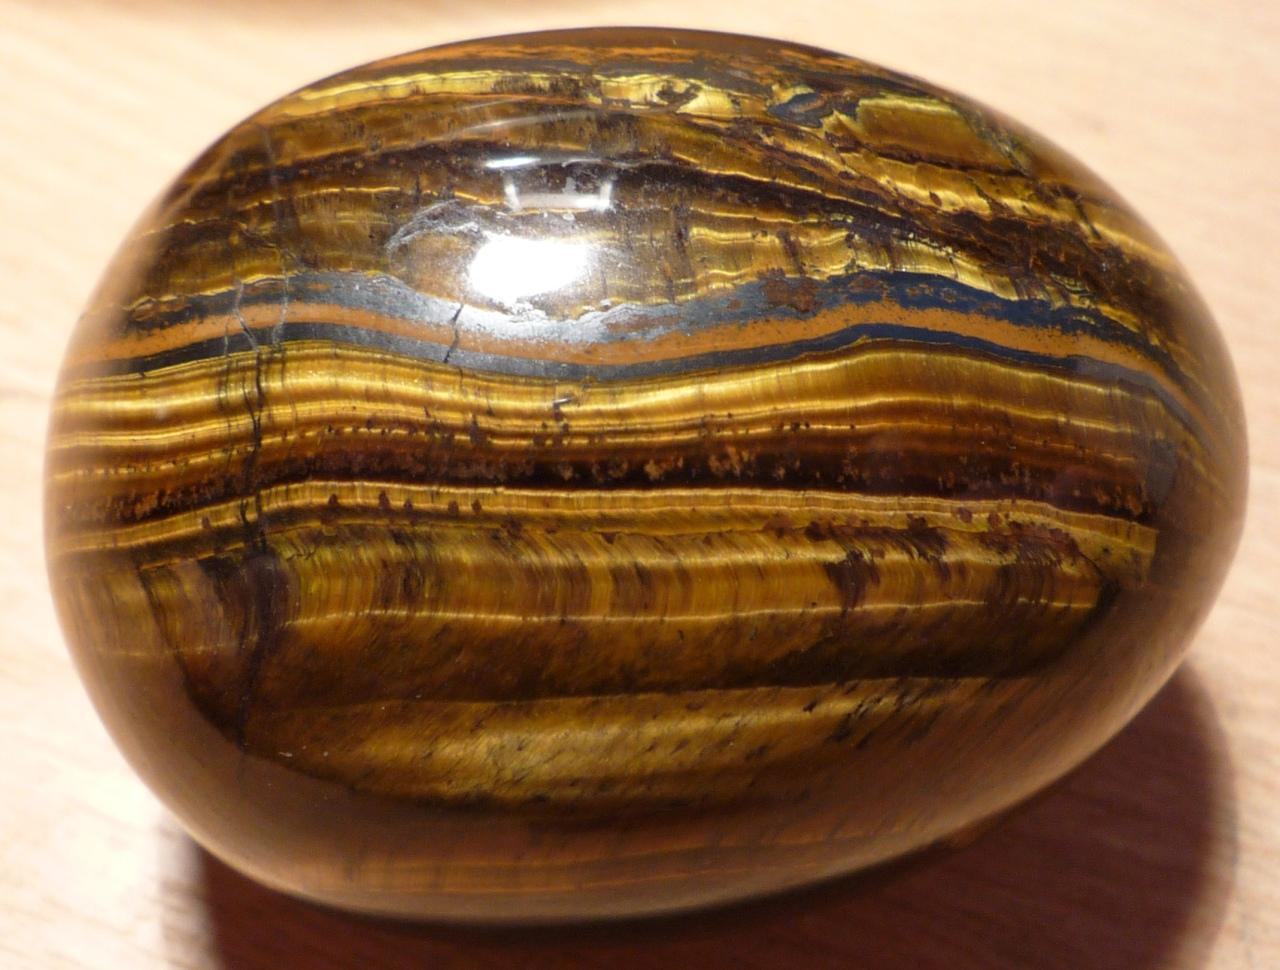 3475 Камінь, Тигрове око